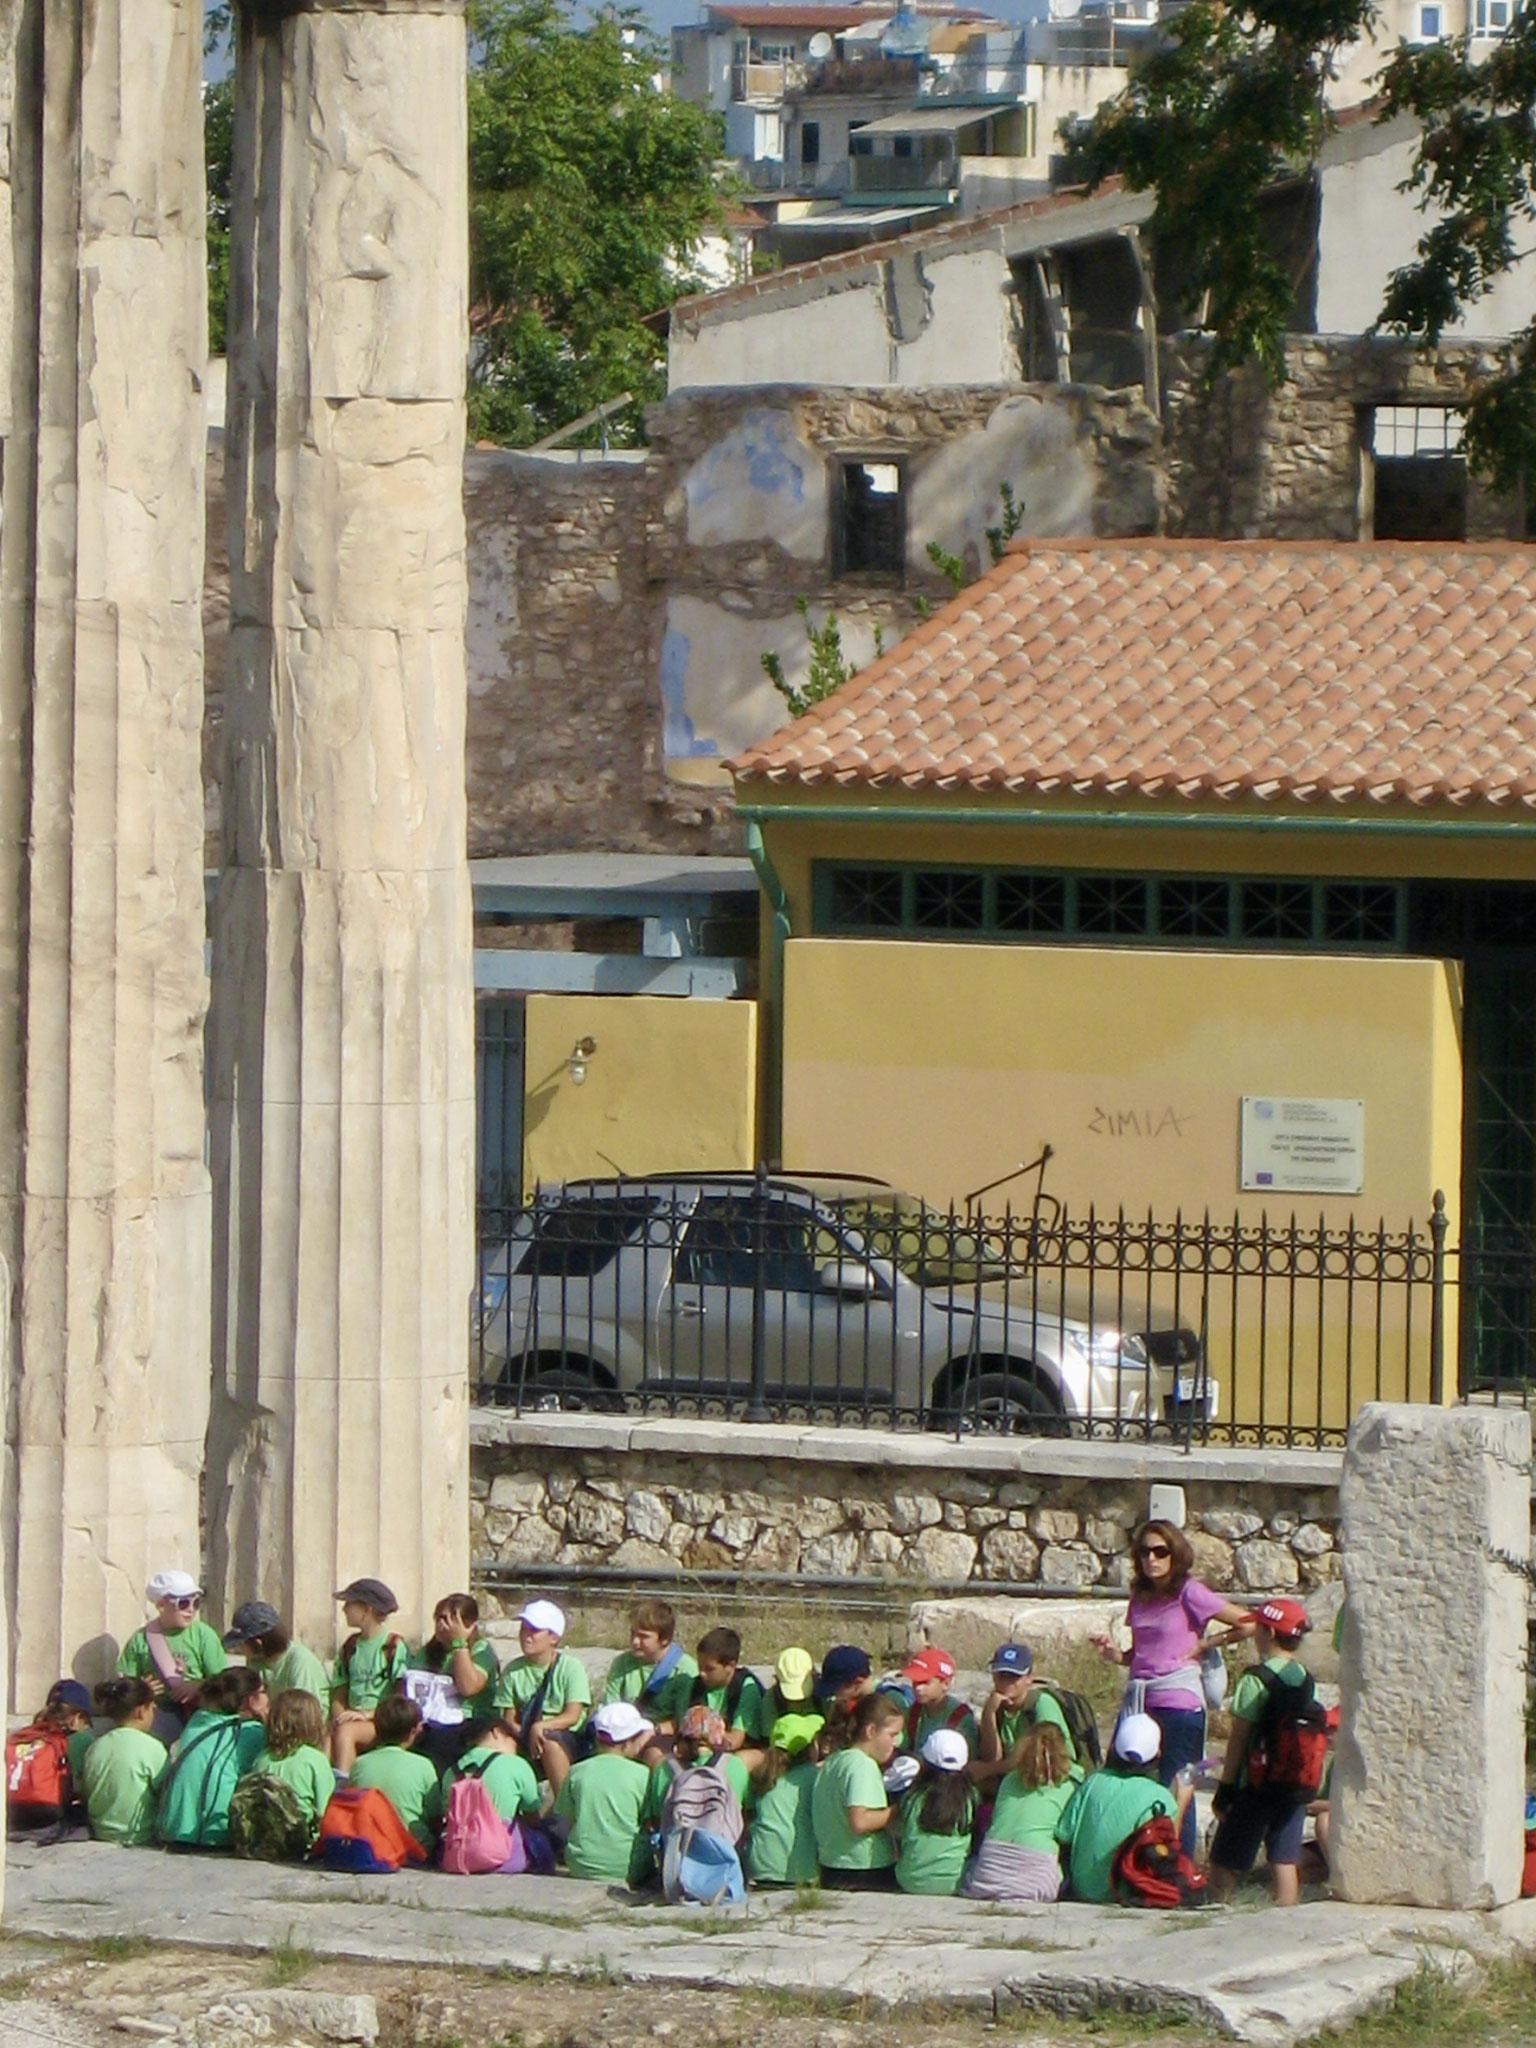 School excursion, The Parthenon